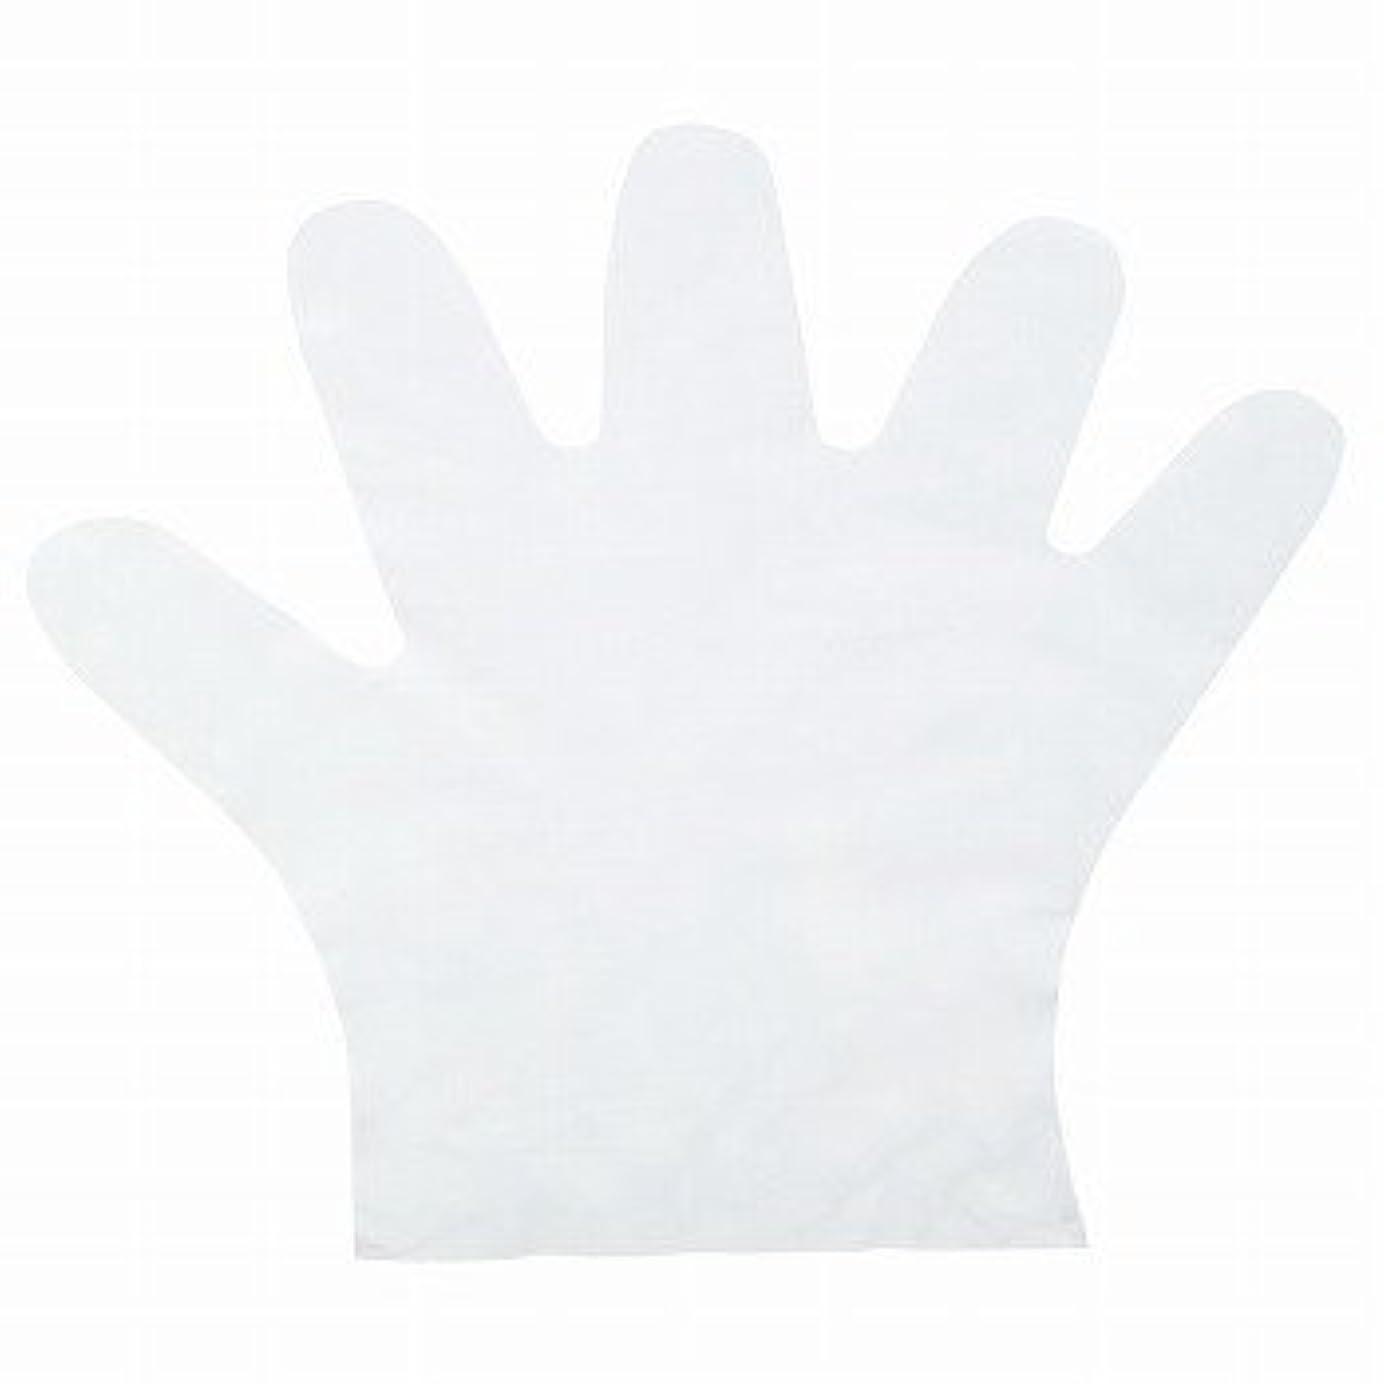 中央せがむ神経おたふく手袋/ポリエチディスポ(LD) [100枚入]/品番:248 サイズ:M